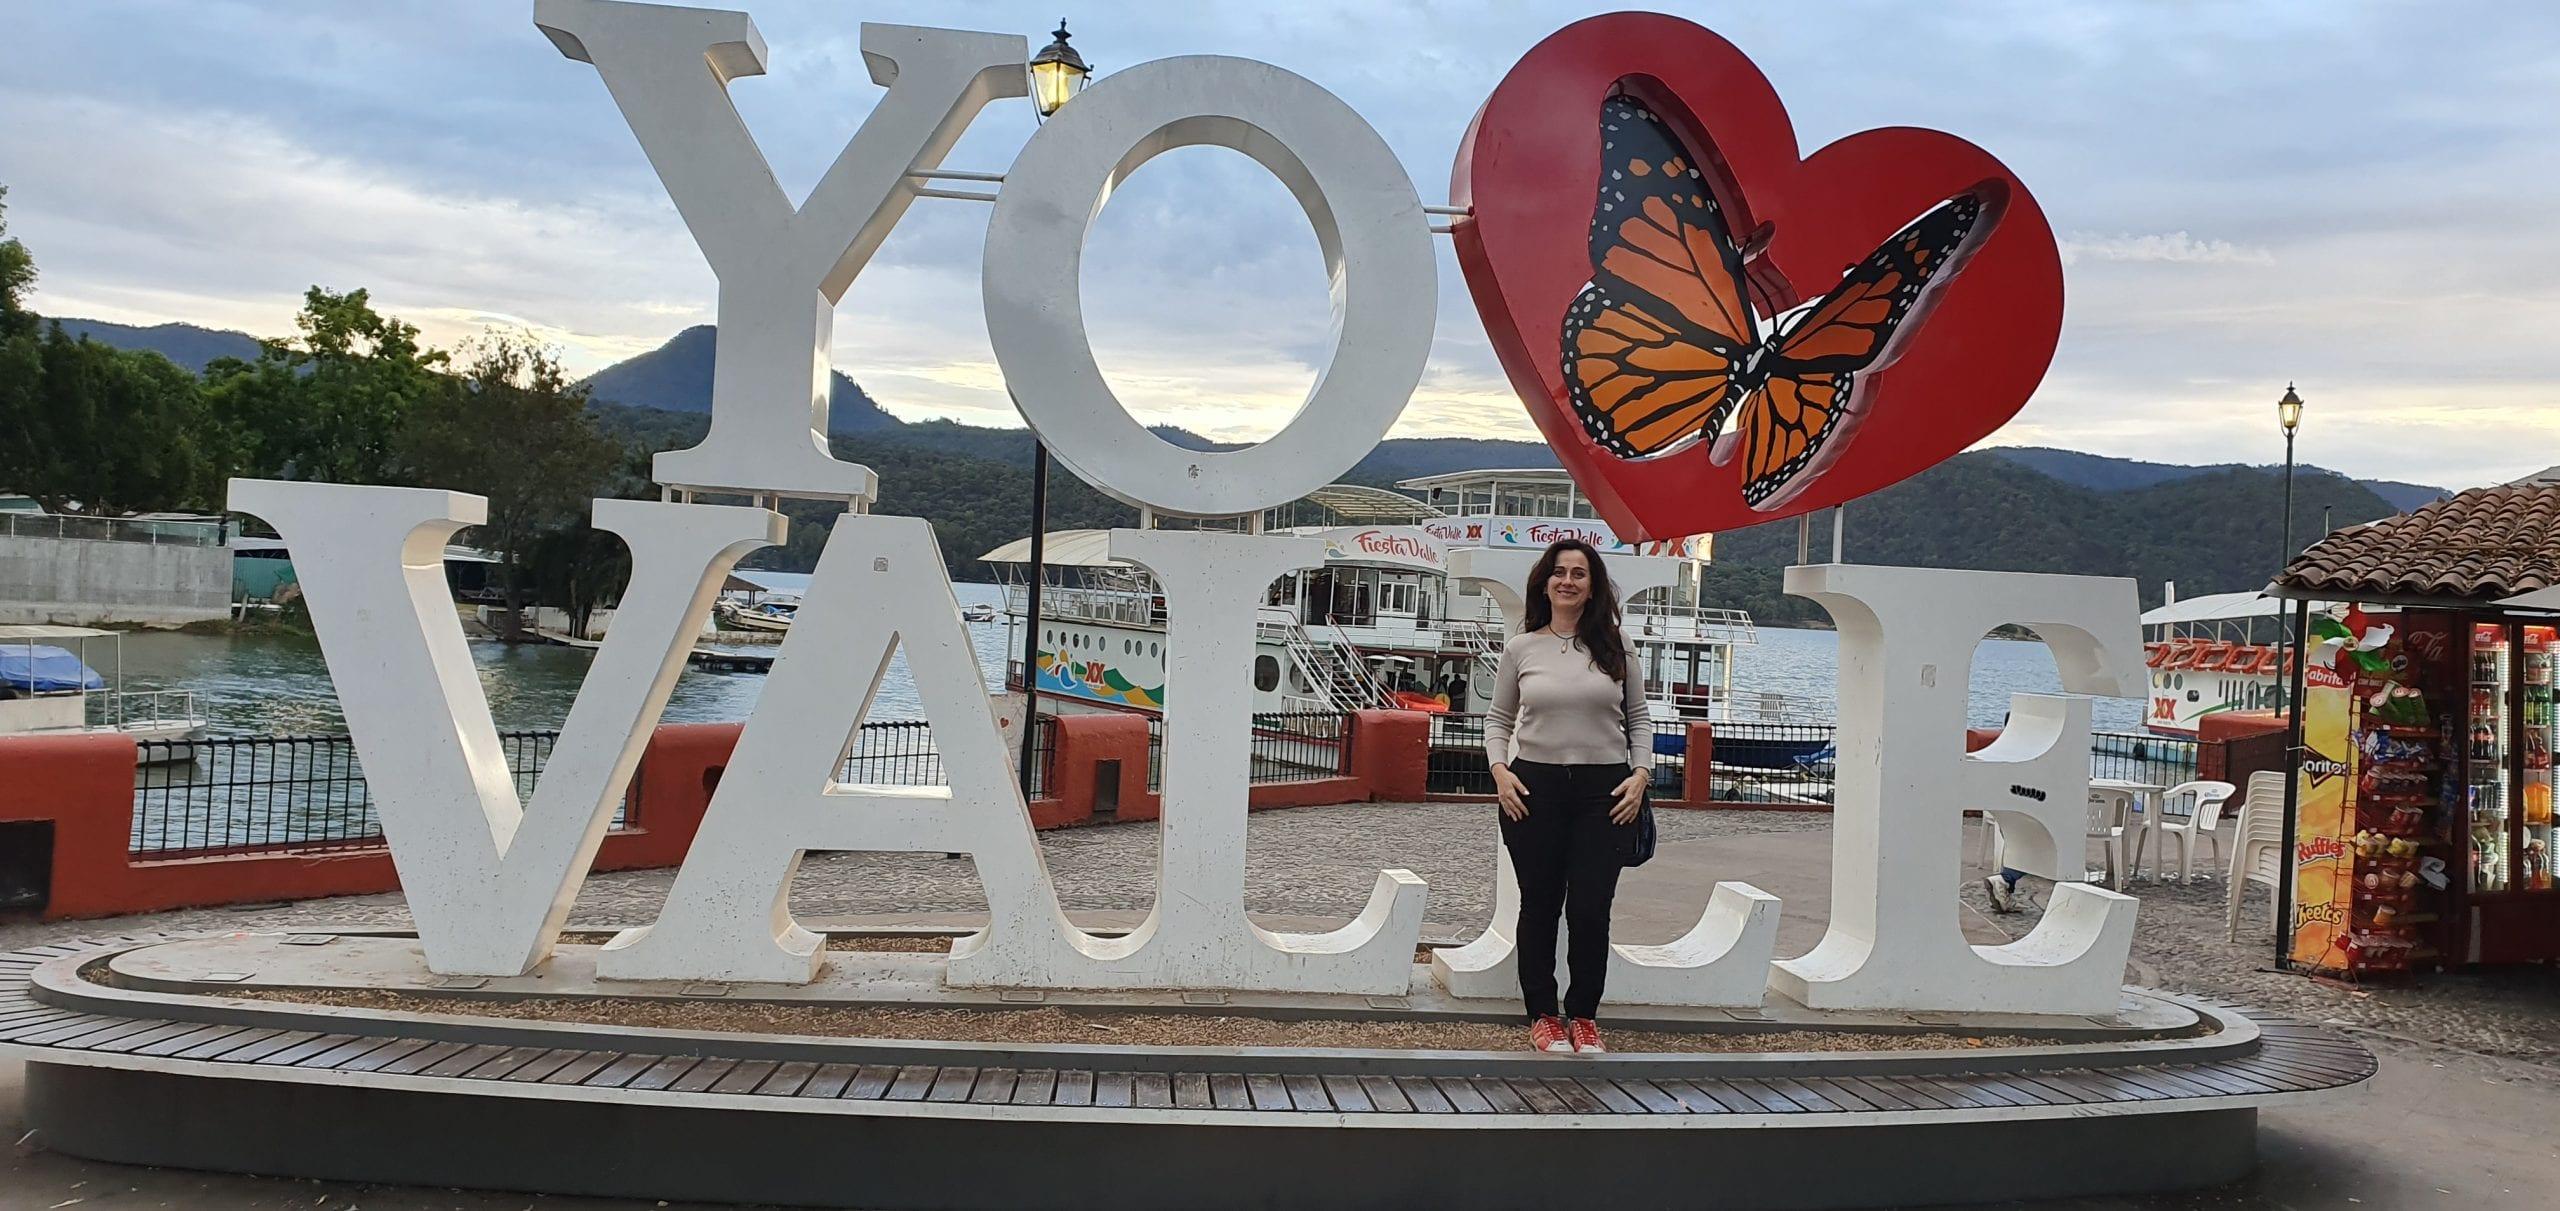 Viaje a México a ver la mariposa monarca gracias a la libertad de trabajar en Network Marketing con Ringana